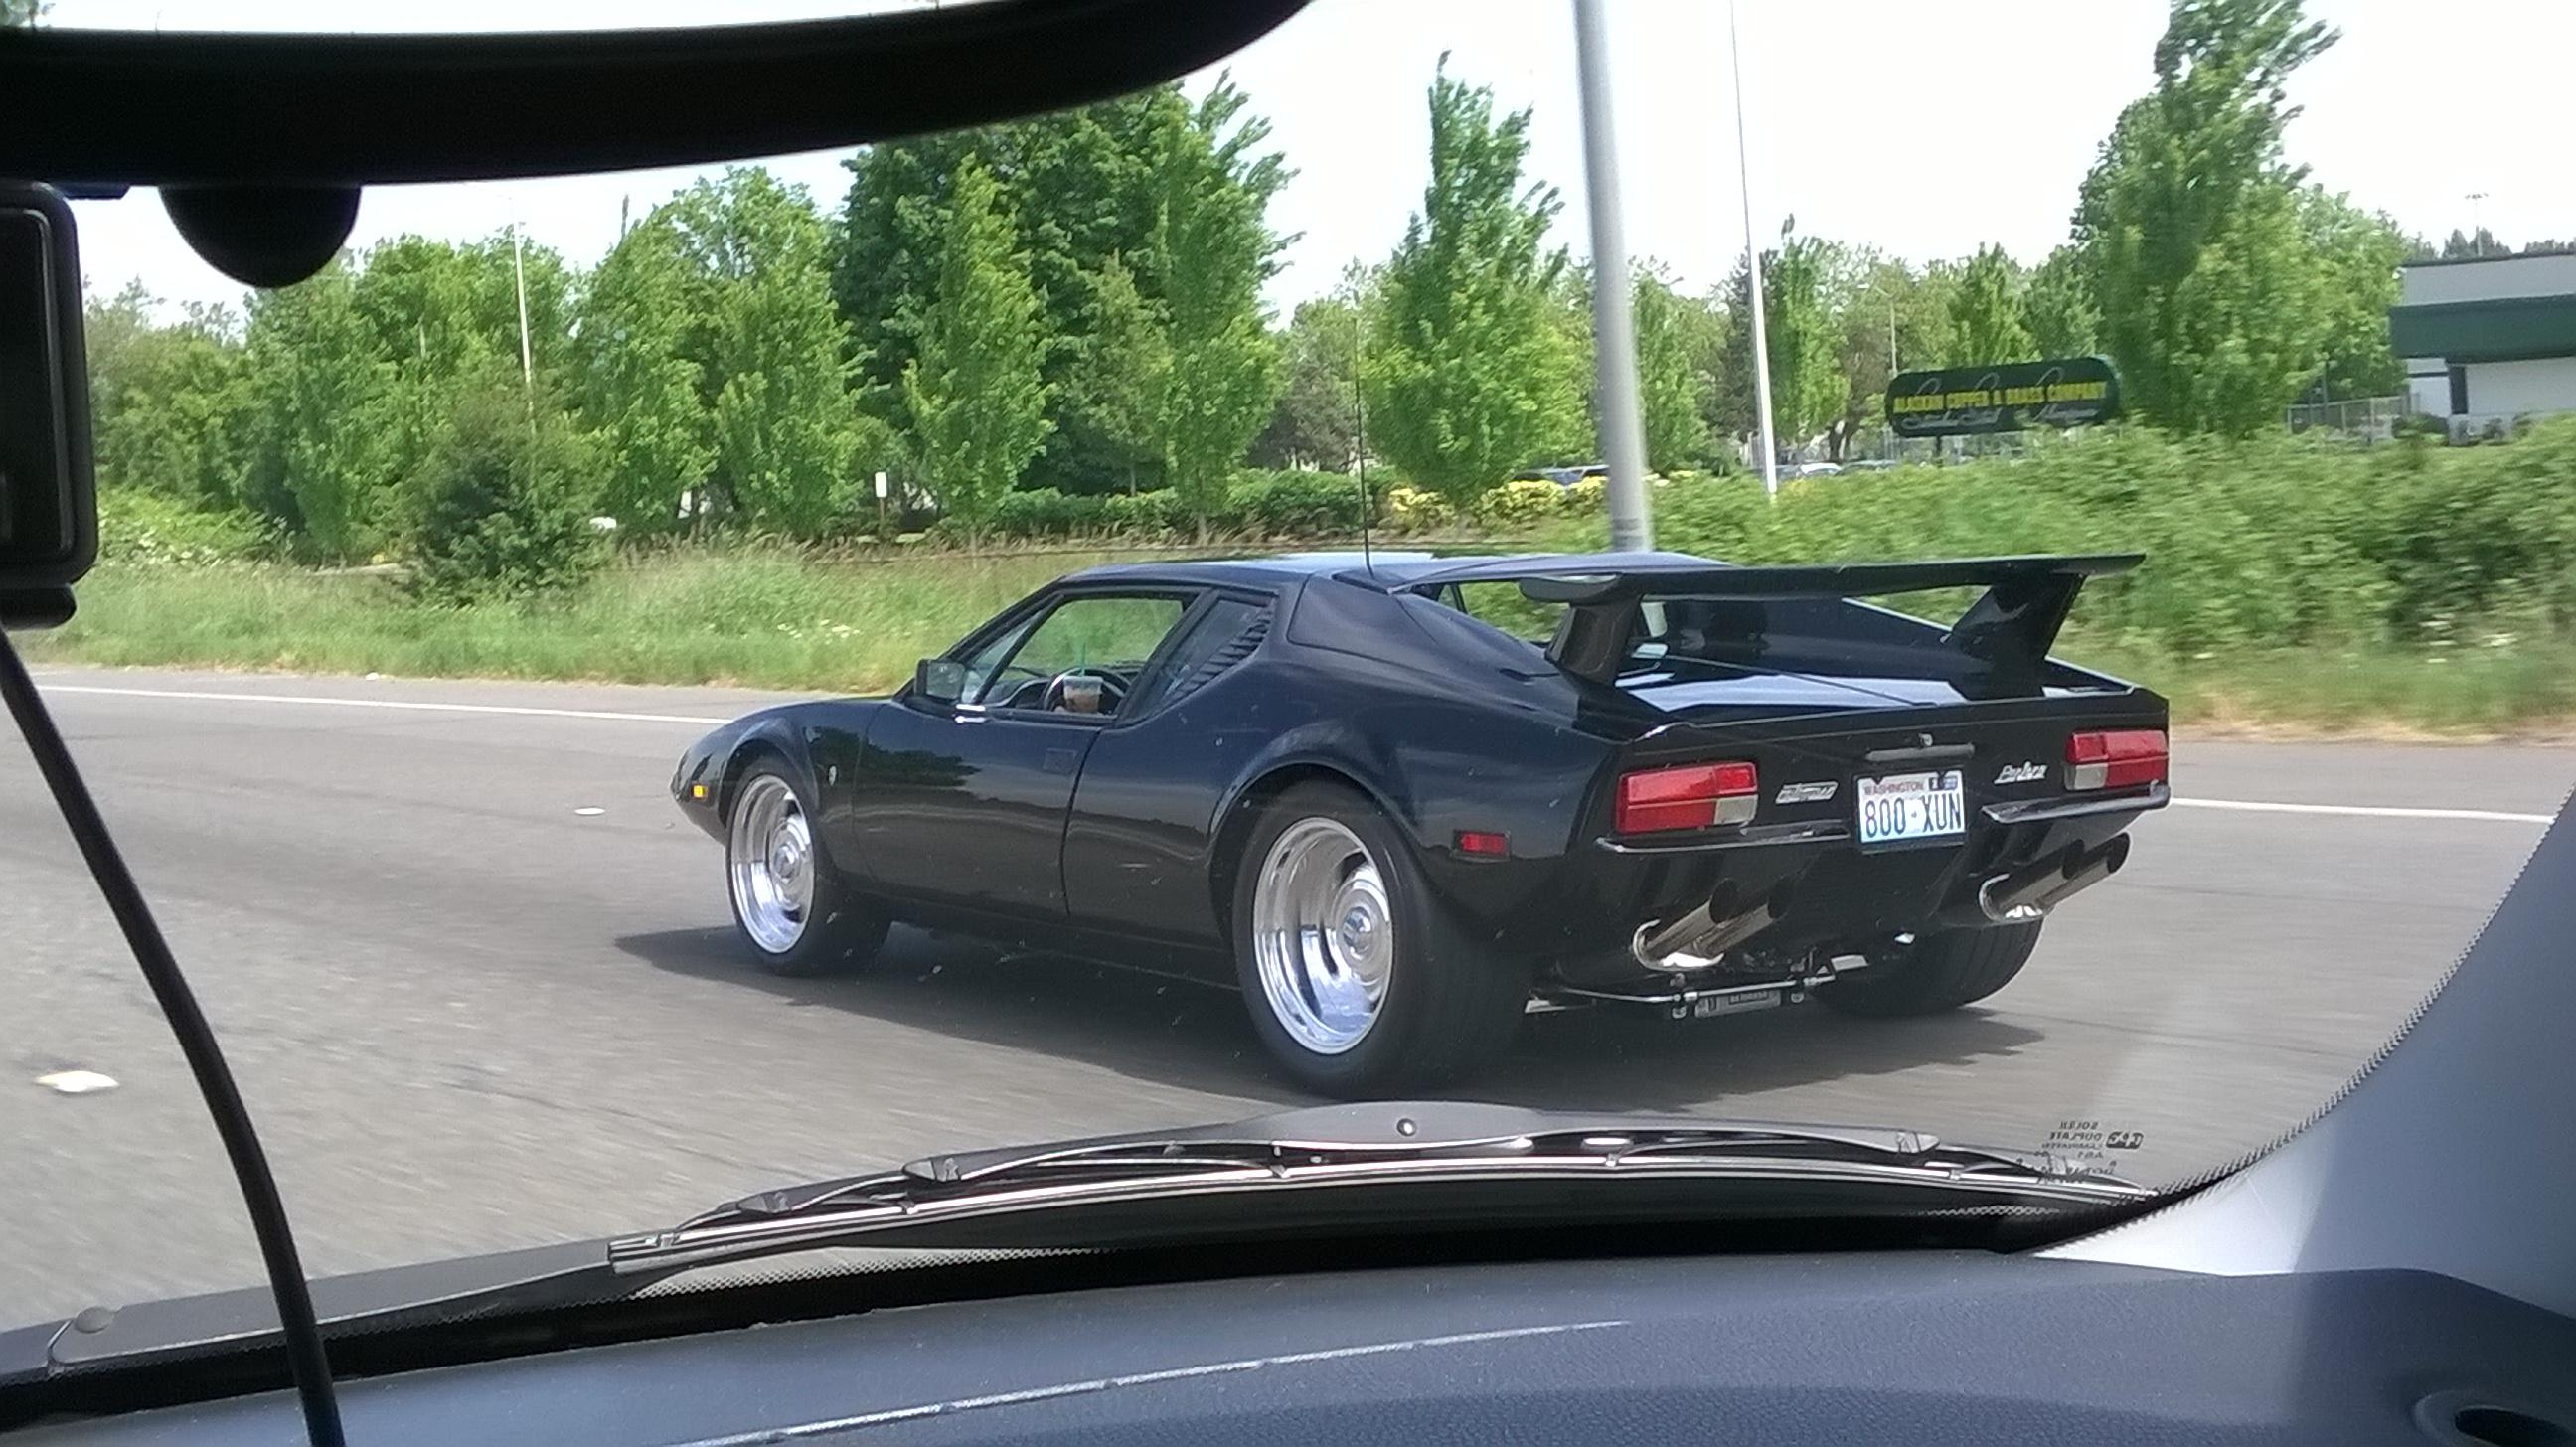 Cruising Along The Highway Looking Sexy De Tomaso Pantera Gt5s